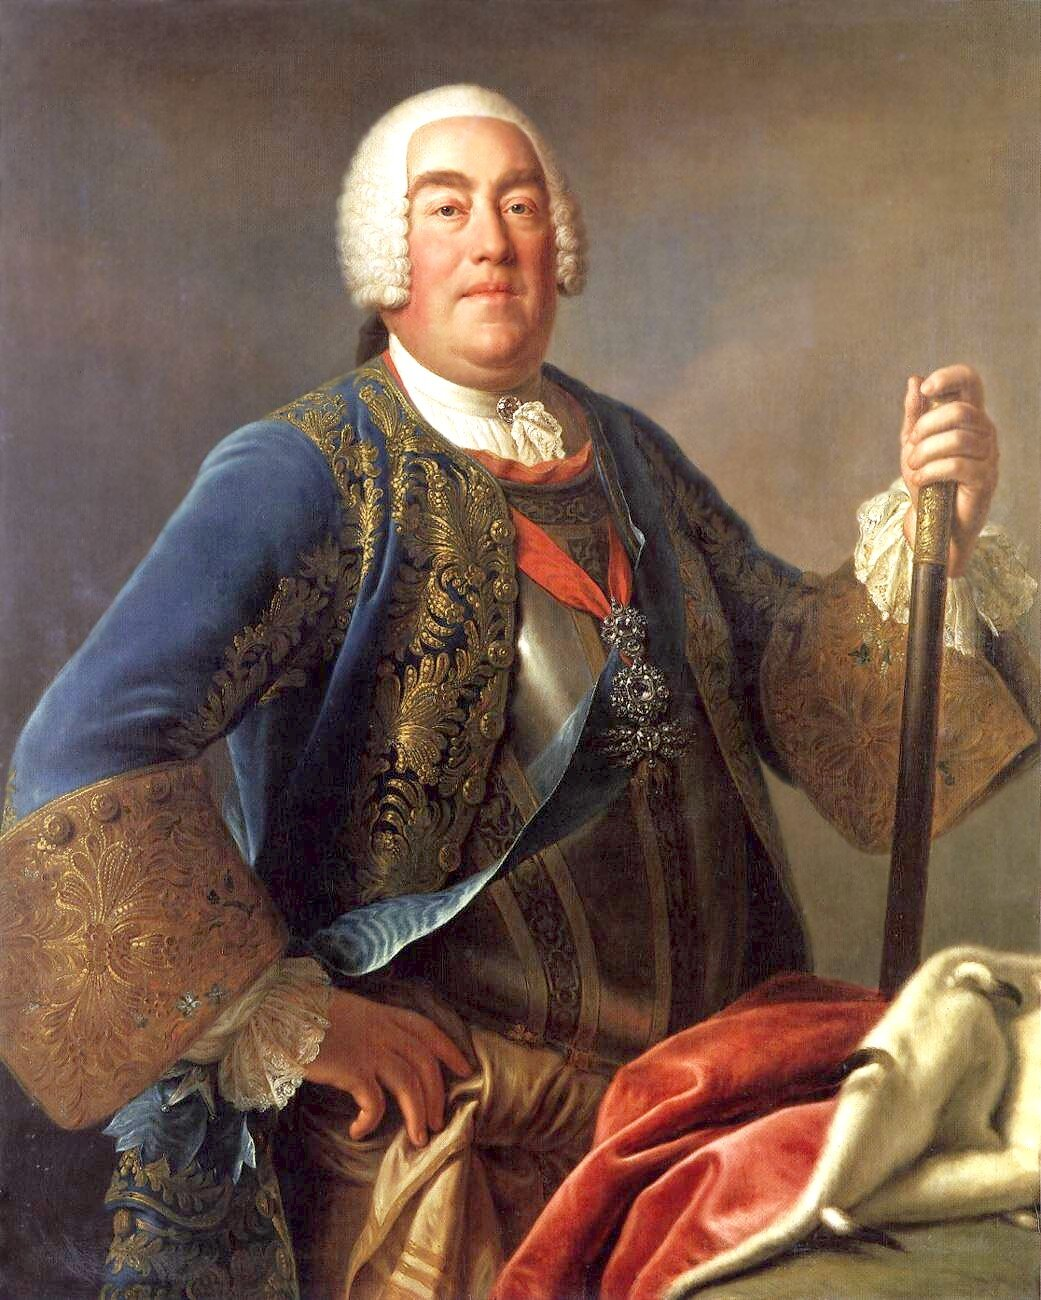 August III August III, król Polski Źródło: Pietro Rotari, August III, 1755, Olej na płótnie, Gemäldegalerie Alte Meister, domena publiczna.